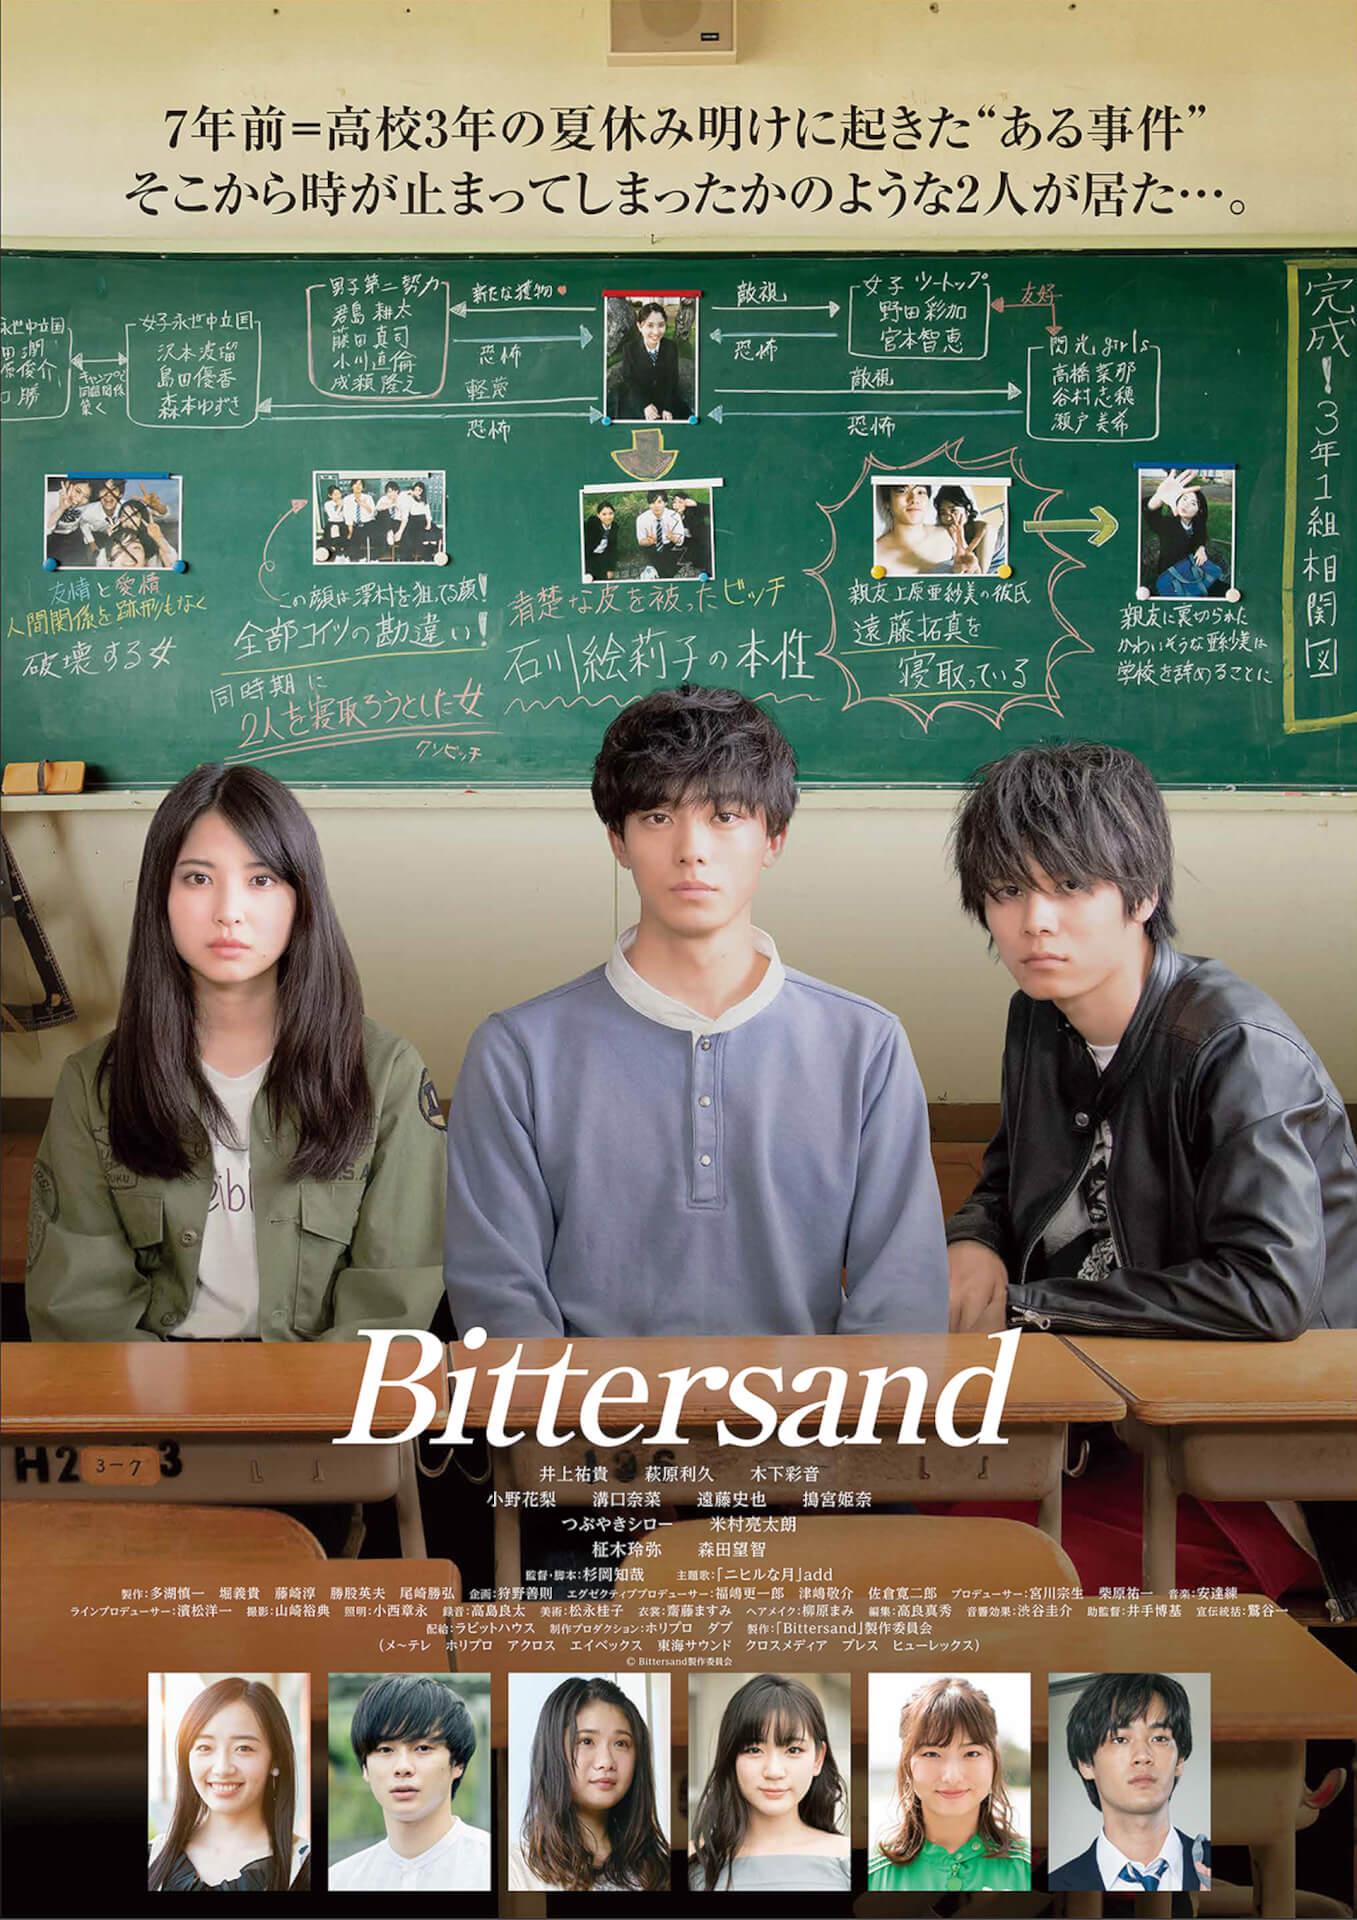 映画は主題歌とリンクして完結へ——対談:add × 映画『Bittersand』監督・杉岡知哉 interview210618_add-011